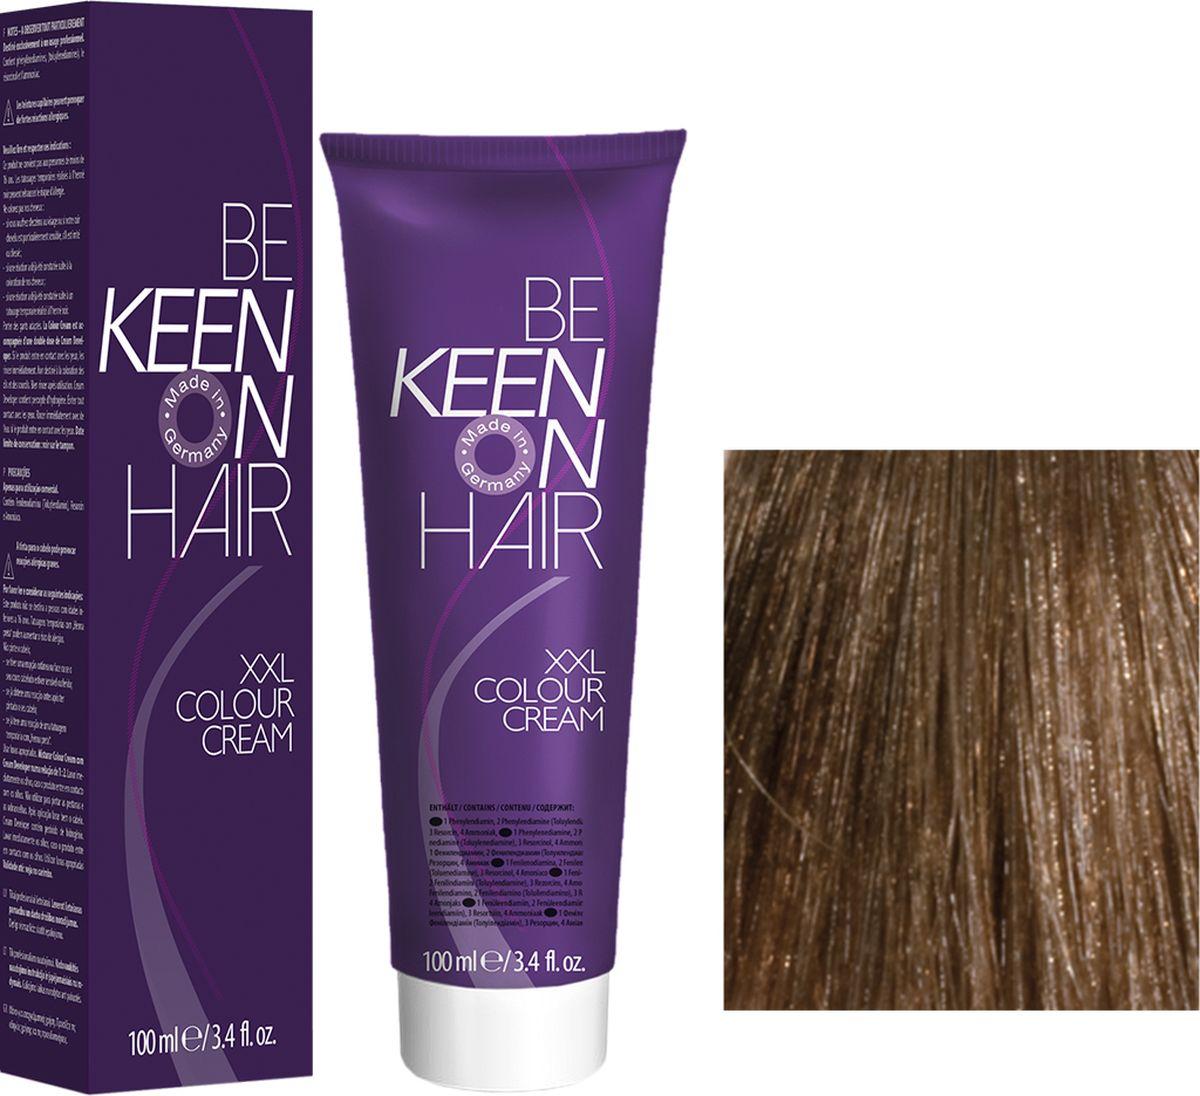 Keen Краска для волос 8.7 Песочный Sand, 100 мл69100080Модные оттенкиБолее 100 оттенков для креативной комбинации цветов.ЭкономичностьПри использовании тюбика 100 мл вы получаете оптимальное соотношение цены и качества!УходМолочный белок поддерживает структуру волоса во время окрашивания и придает волосам блеск и шелковистость. Протеины хорошо встраиваются в волосы и снабжают их влагой.